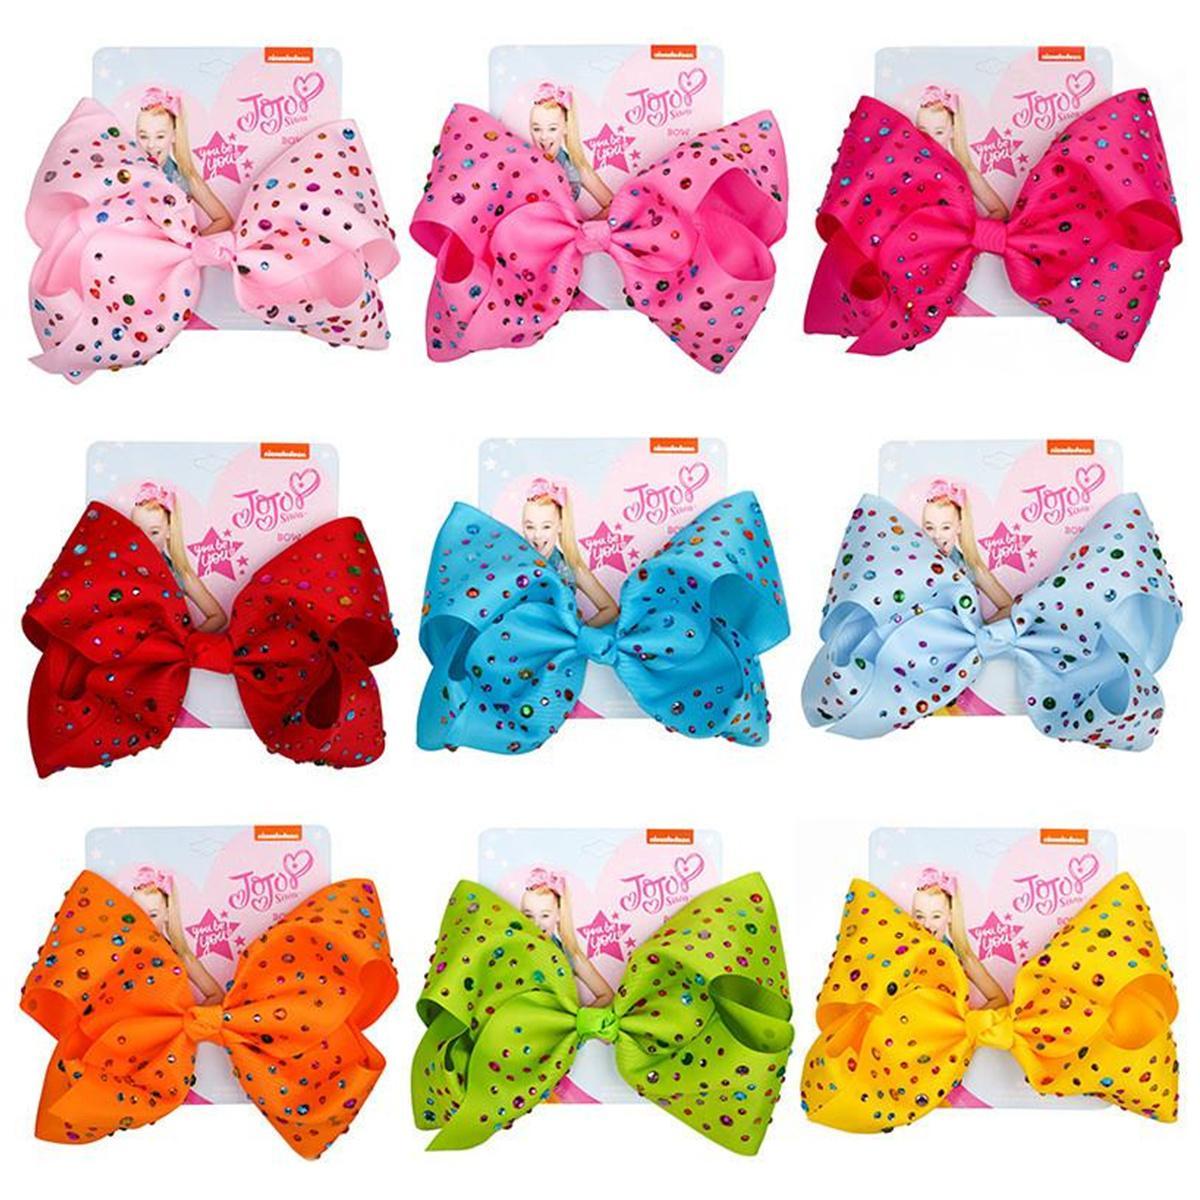 Baby Girl 8 дюймов Swia Bows Cute Bowknot Hairpin с алмазной точкой Девушка Большой Бантик Бордюр Красочный бант Цветочные Зажимки Волос Аксессуары Подарки